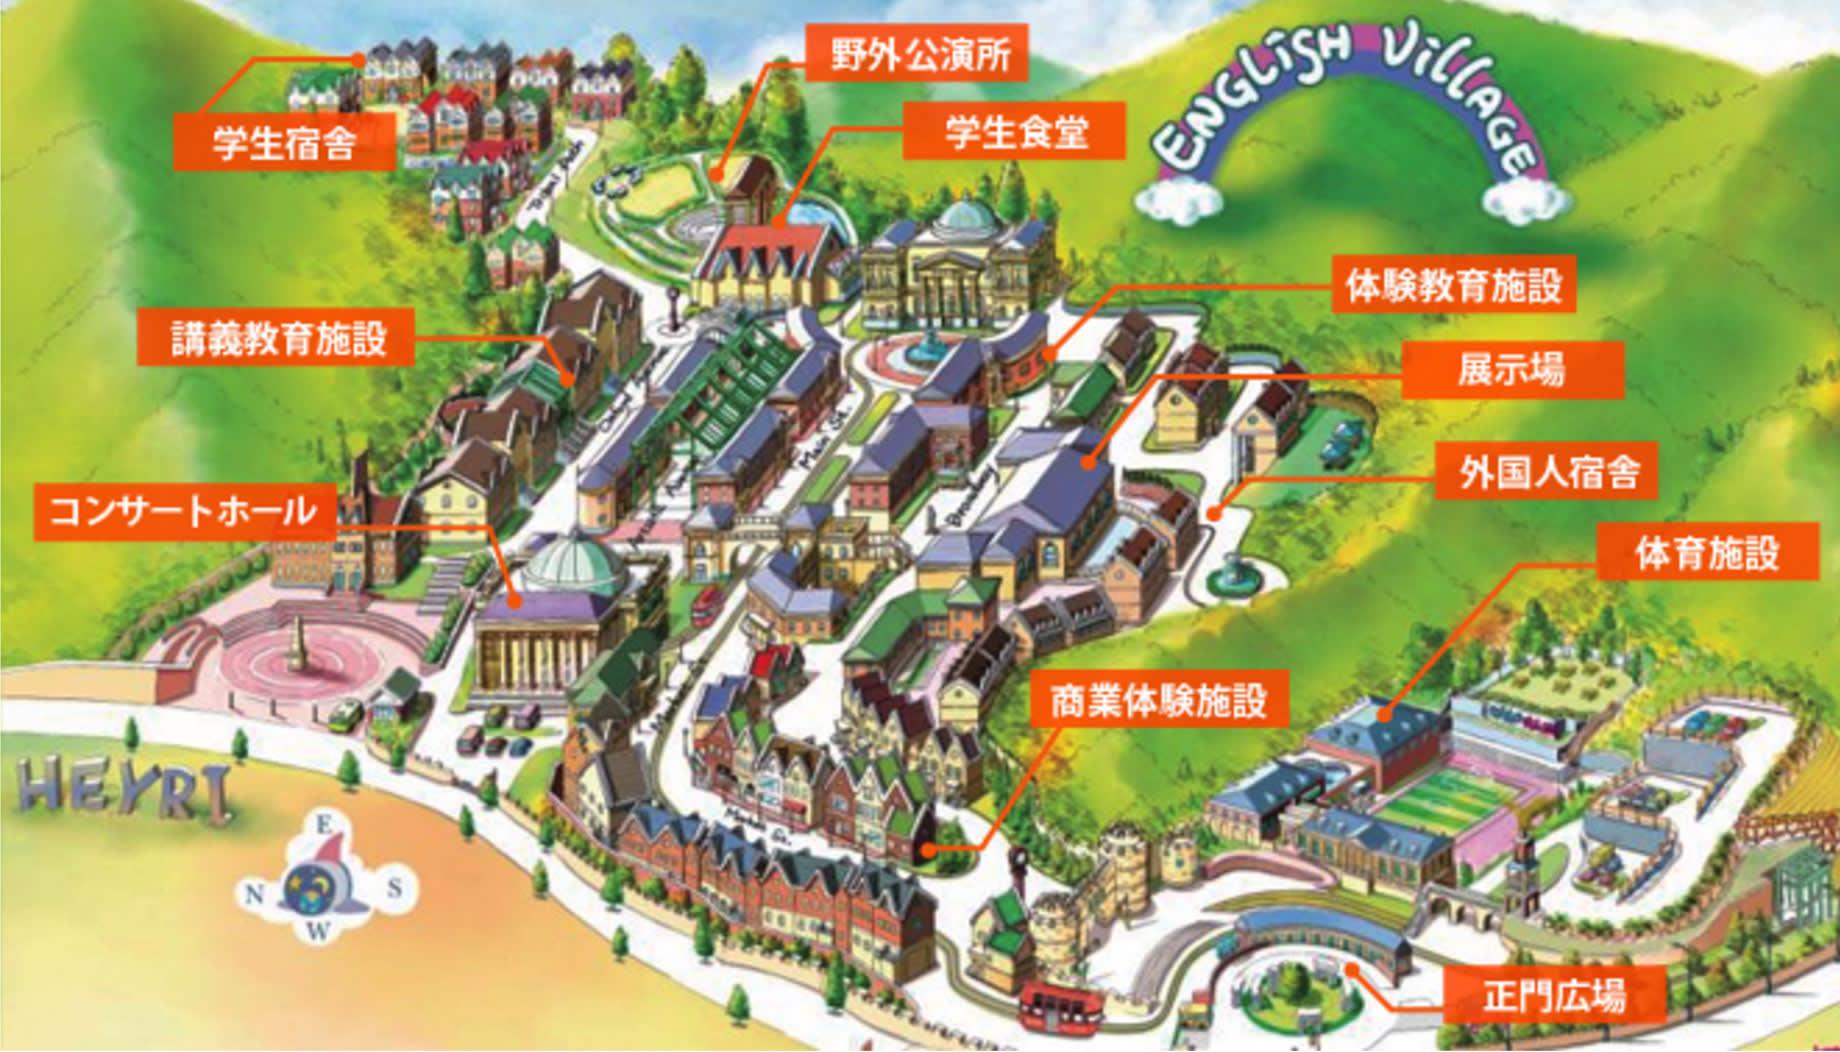 京 畿 坡 州 英 語 村 地 圖